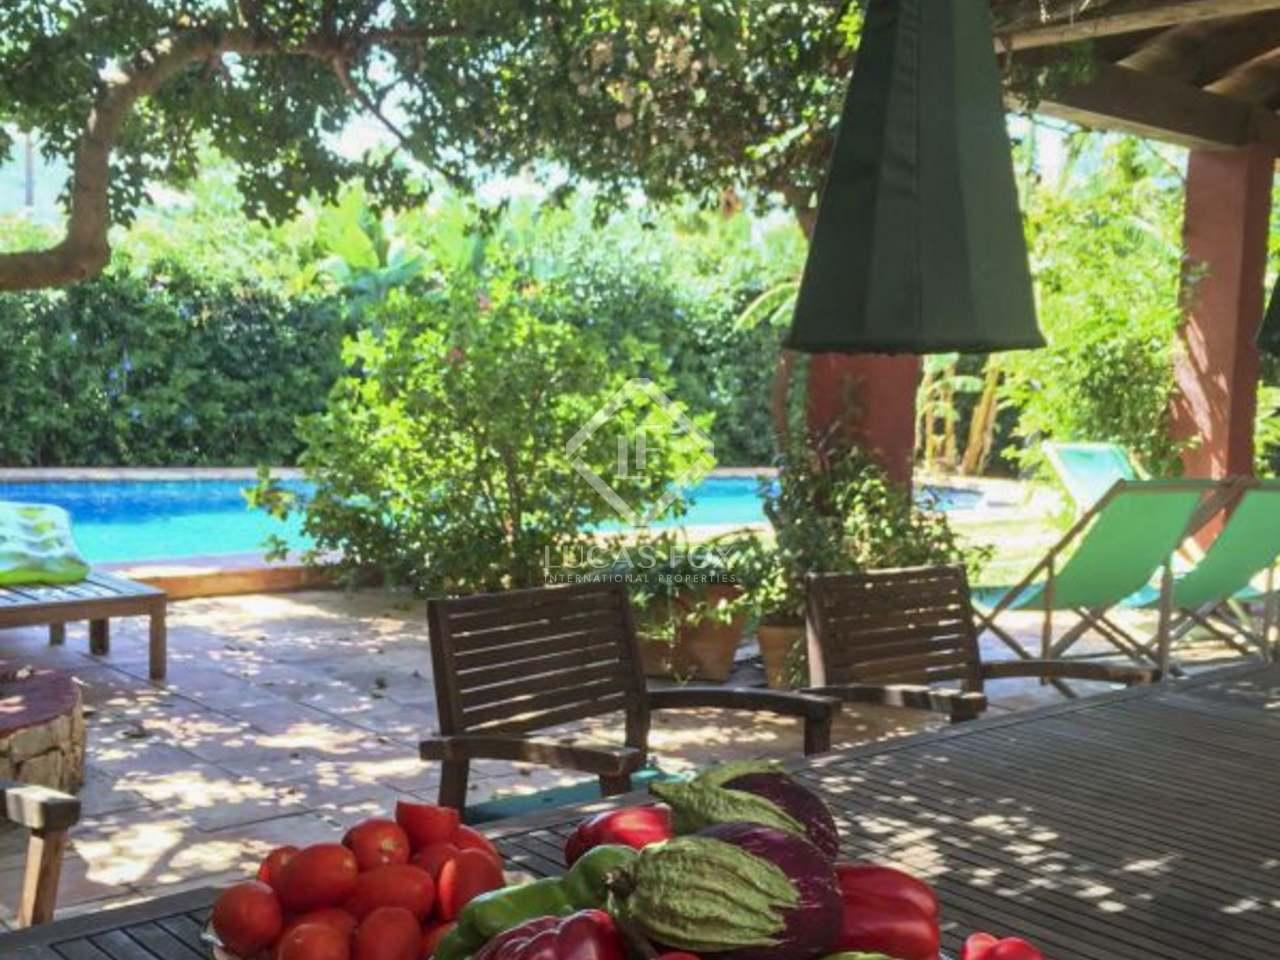 Preciosa villa de estilo colonial en venta en d nia for Jardin villa bonita culiacan